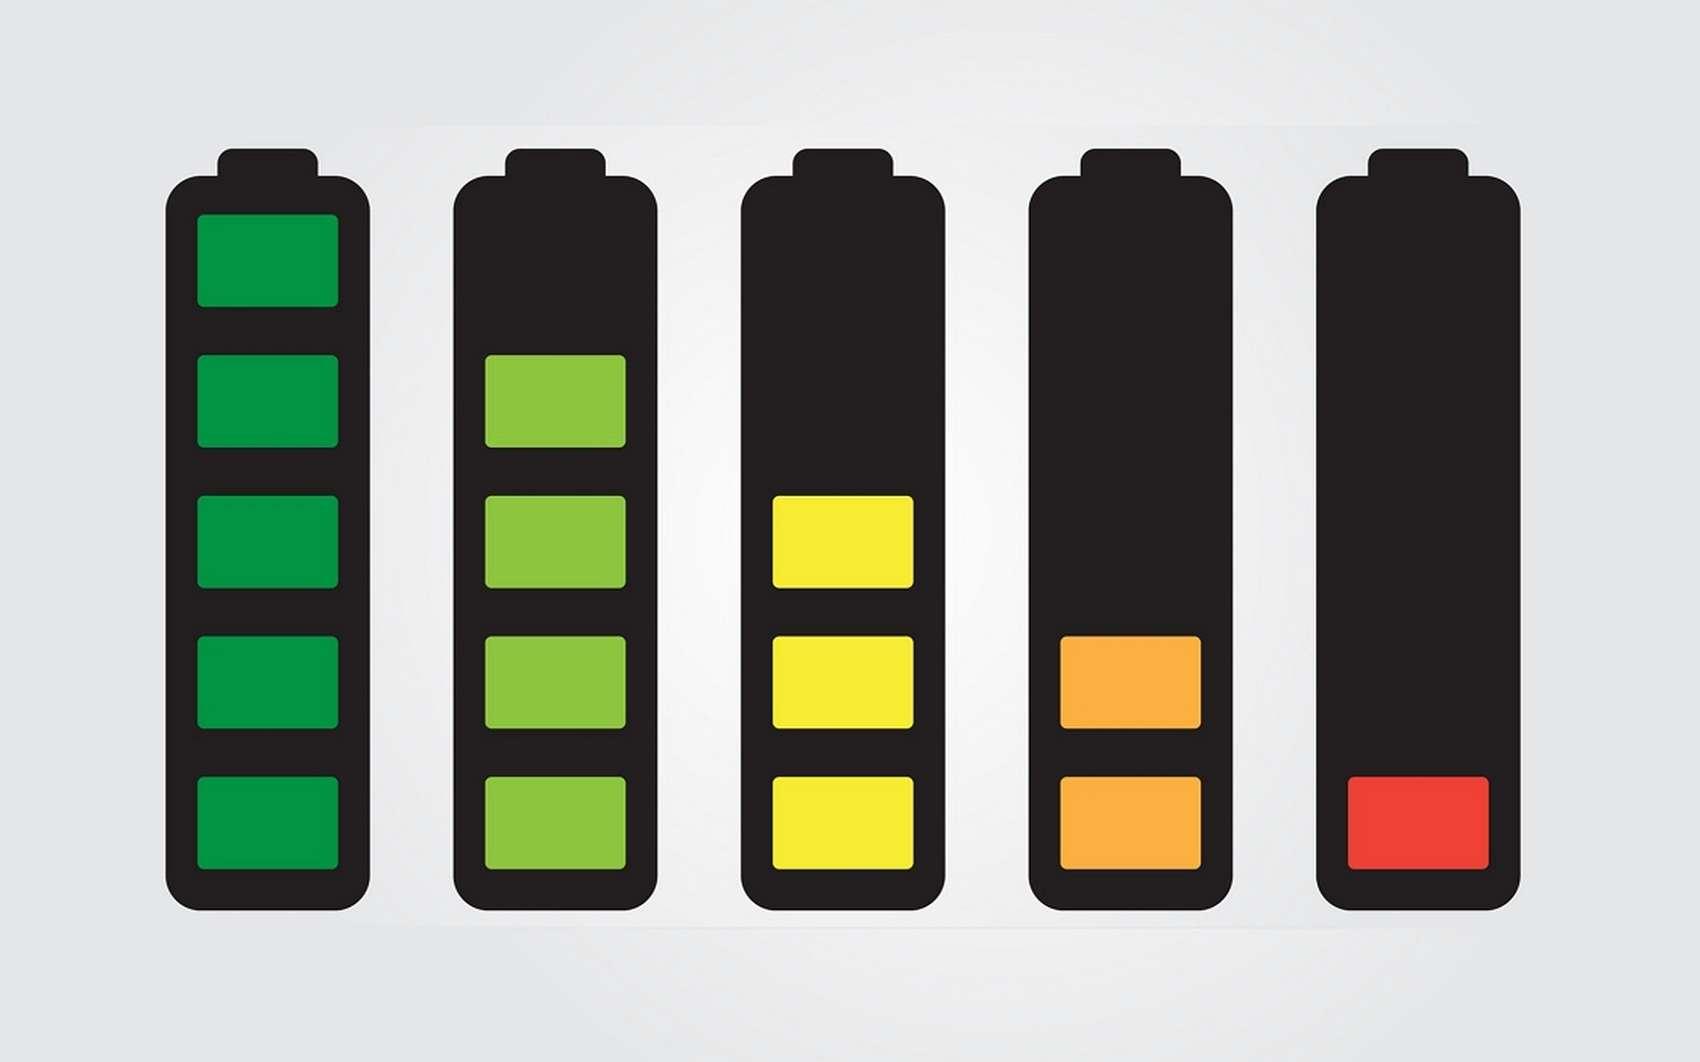 L'autonomie des batteries de smartphones dépasse aujourd'hui rarement une ou deux journées. © DR